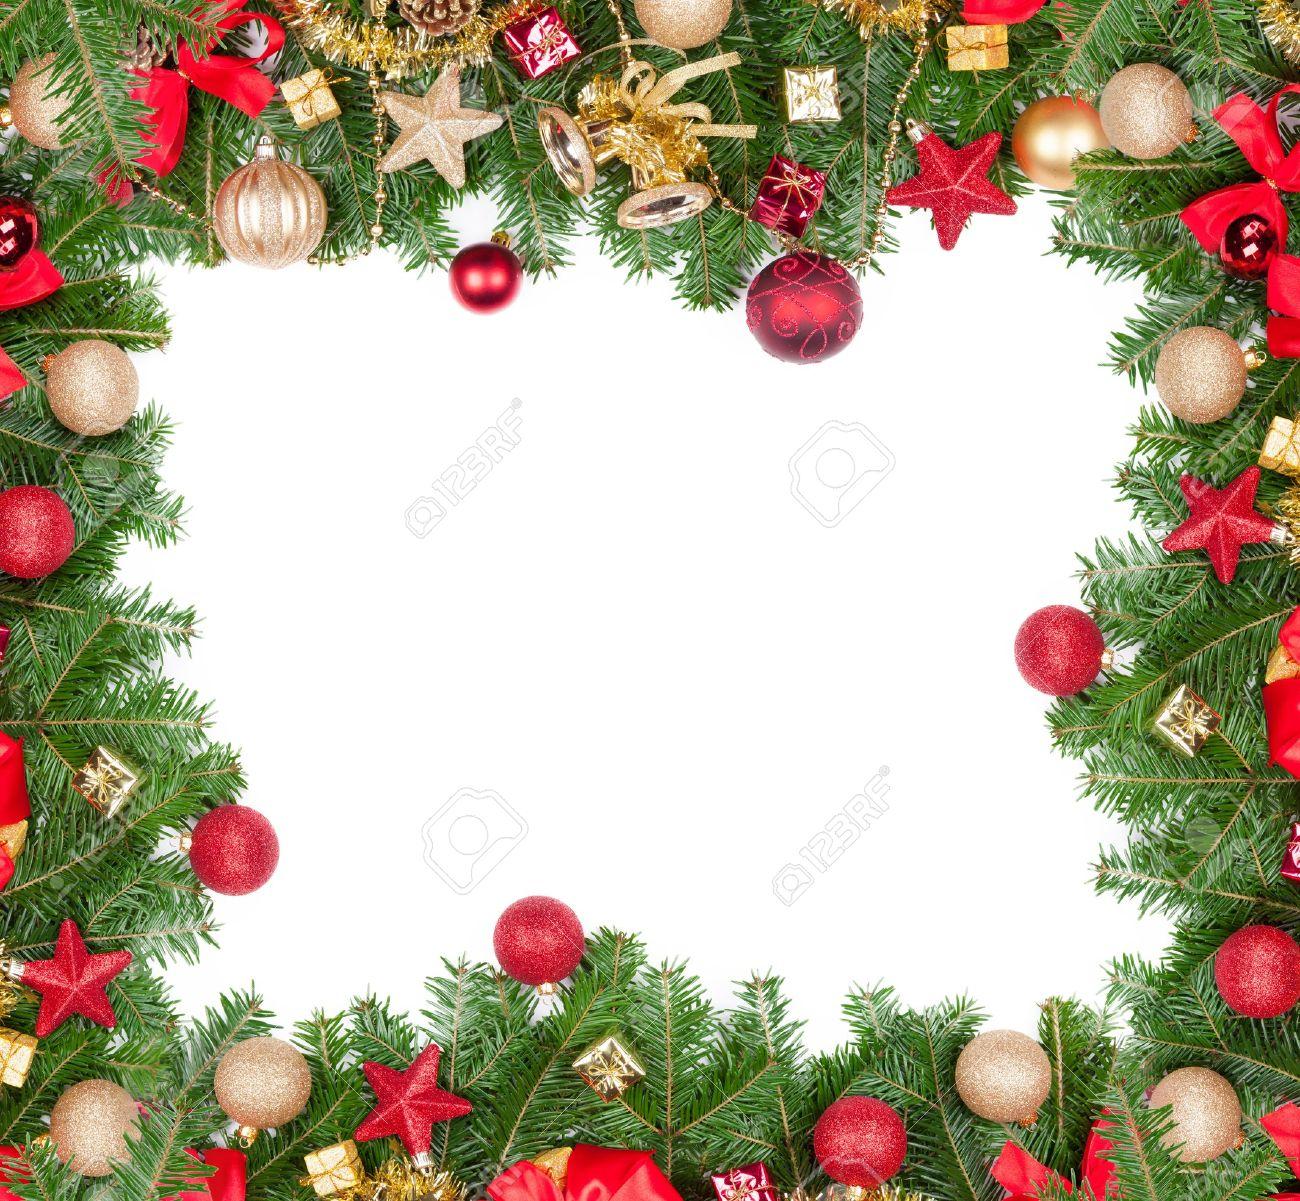 Fantastisch Kostenlos Weihnachten Bilderrahmen Fotos - Rahmen Ideen ...